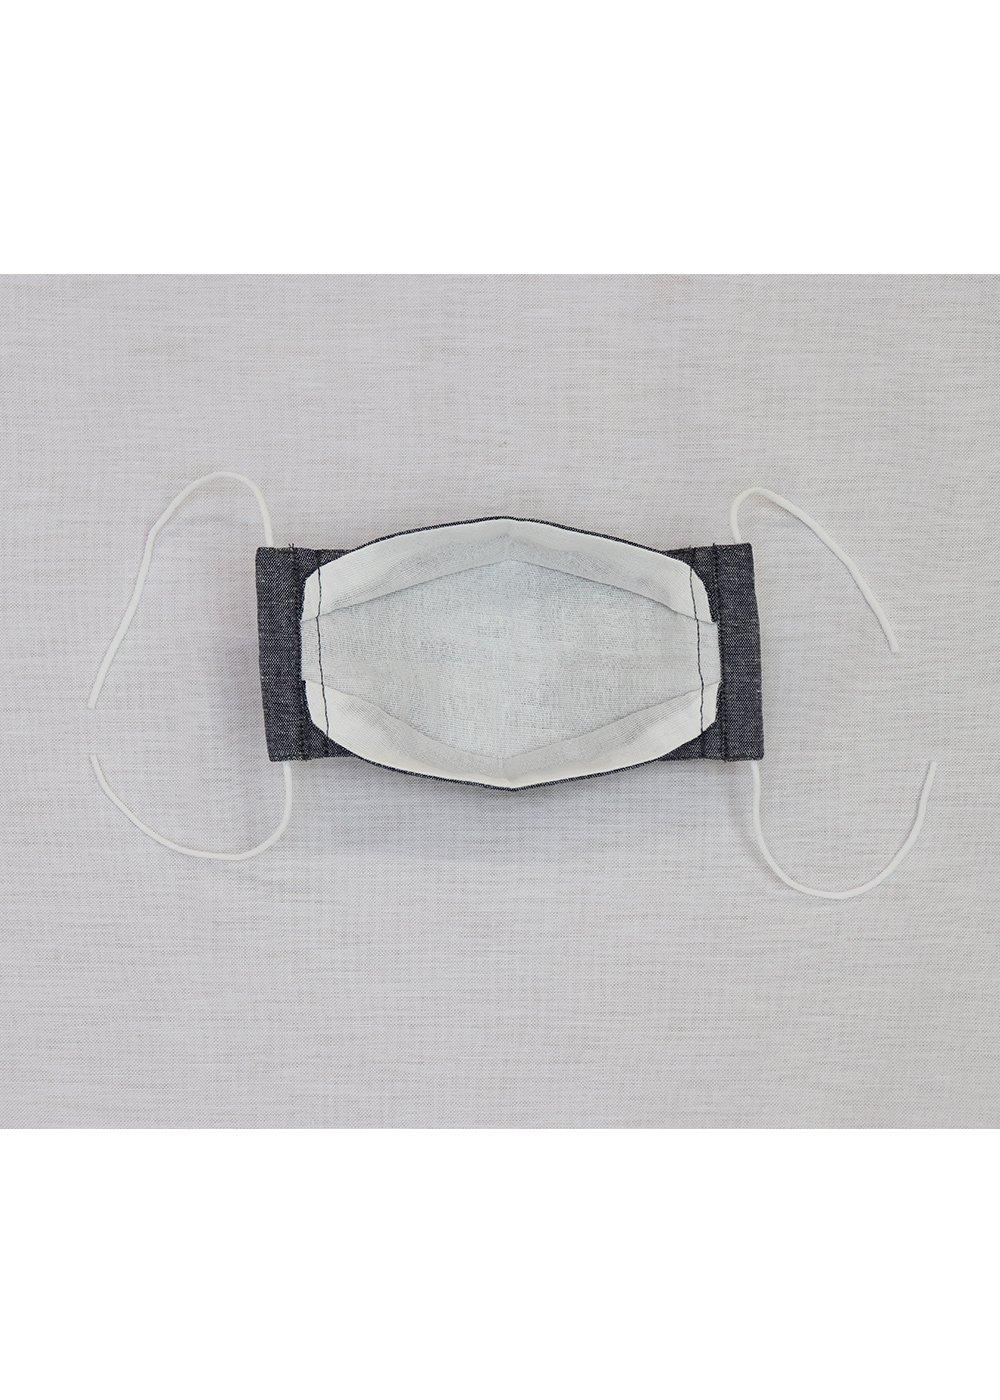 かりゆしウェア(沖縄版アロハシャツ) MAJUN - キッズダンガリー布マスク(XS)